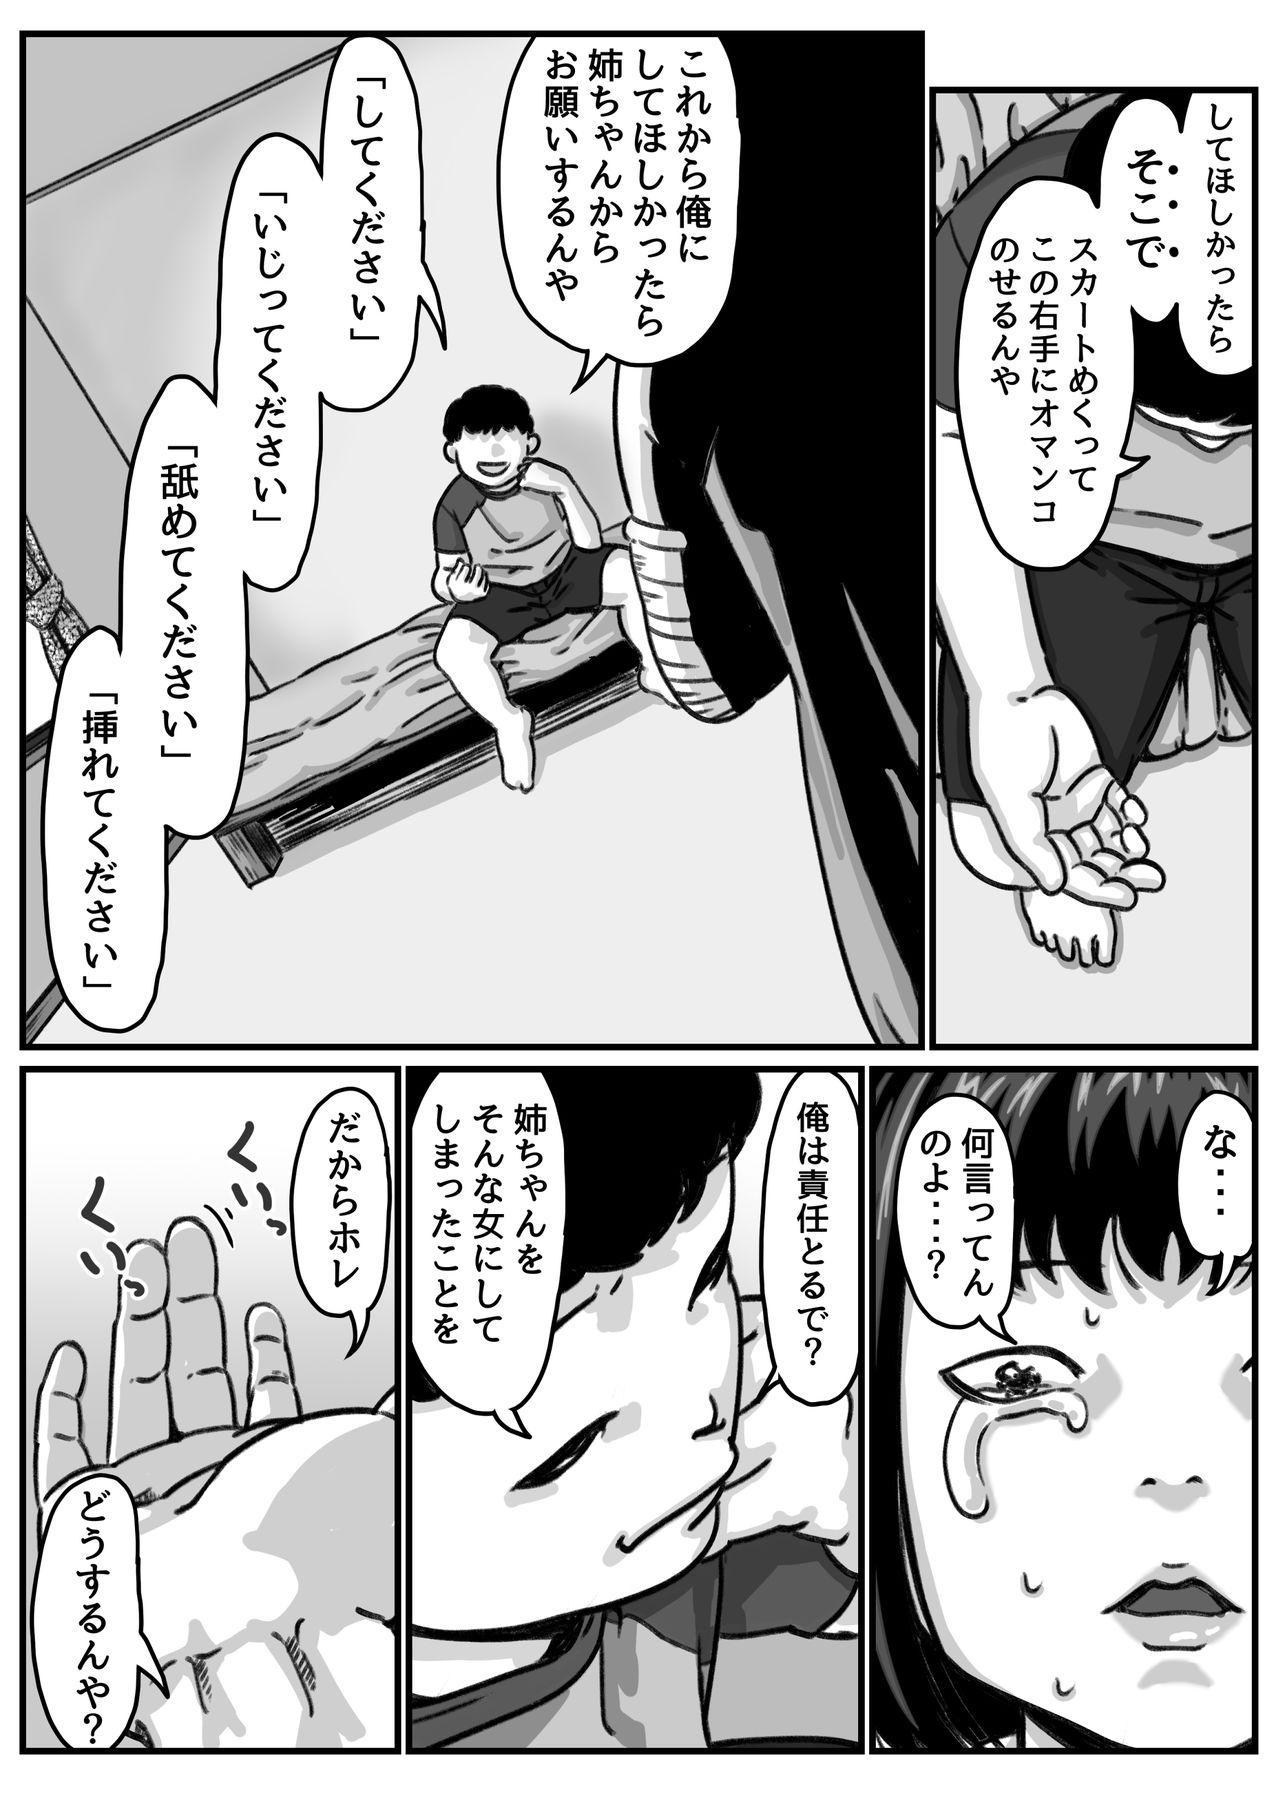 Ryouude ga Tsukaenaku nattara Otouto ga Choushi ni Noridashita! part4 16